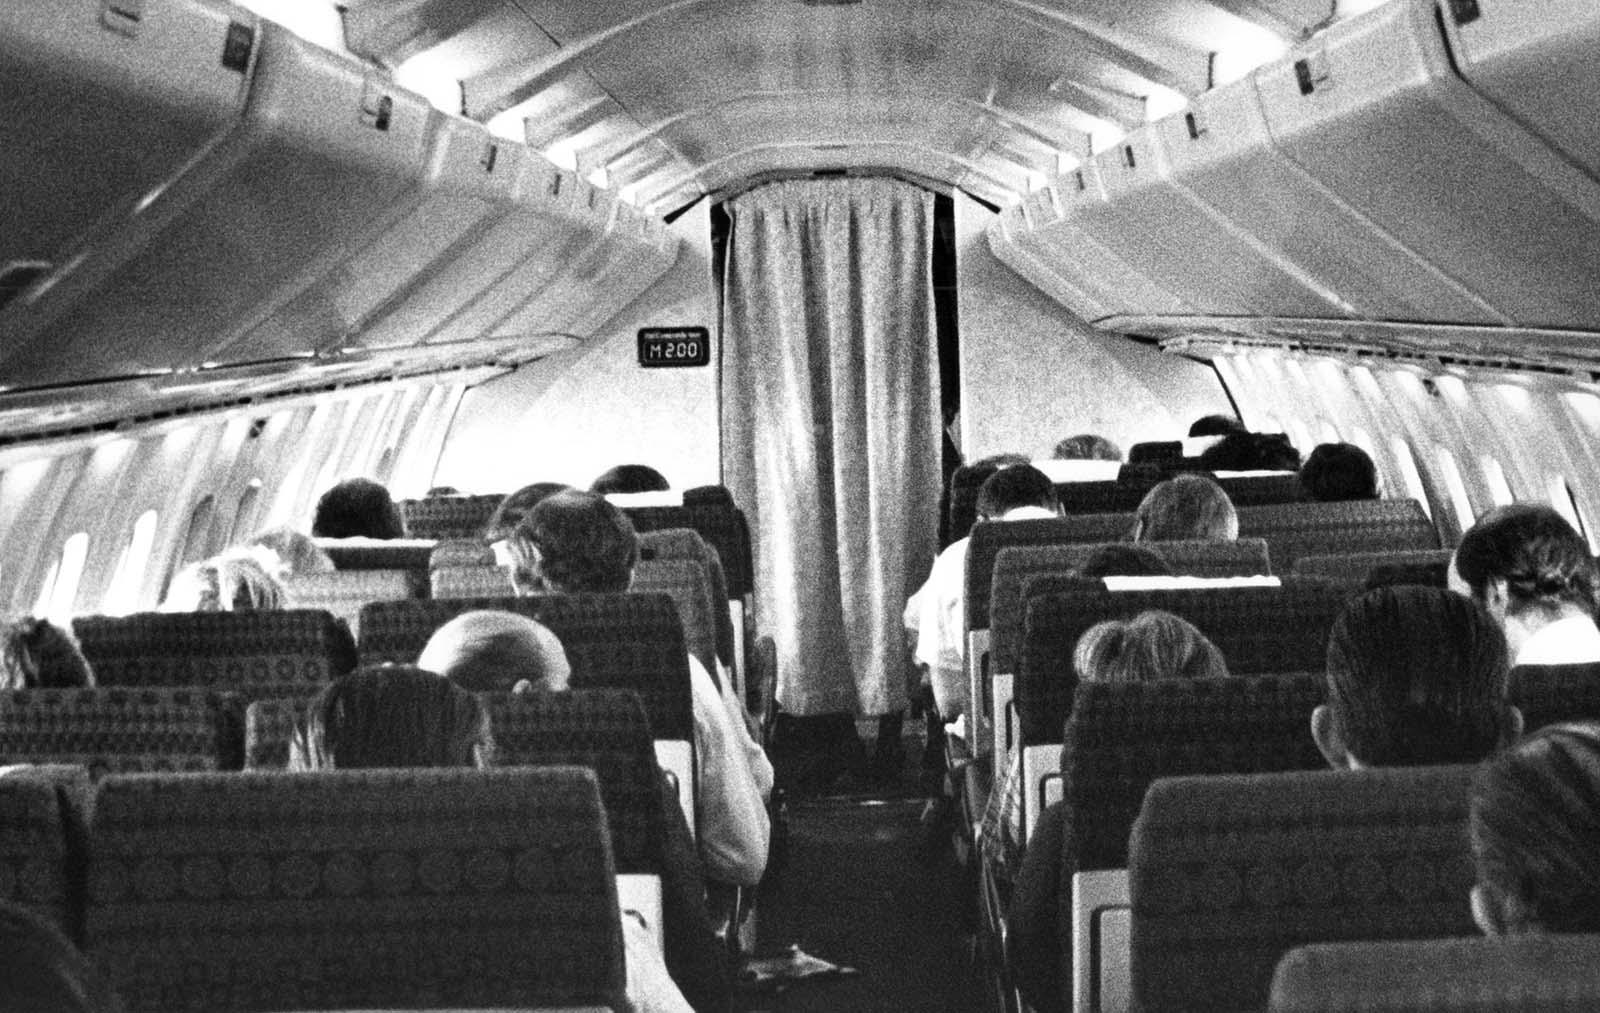 Az elején a 100 utas utastér egyszerű és kissé szűk volt.